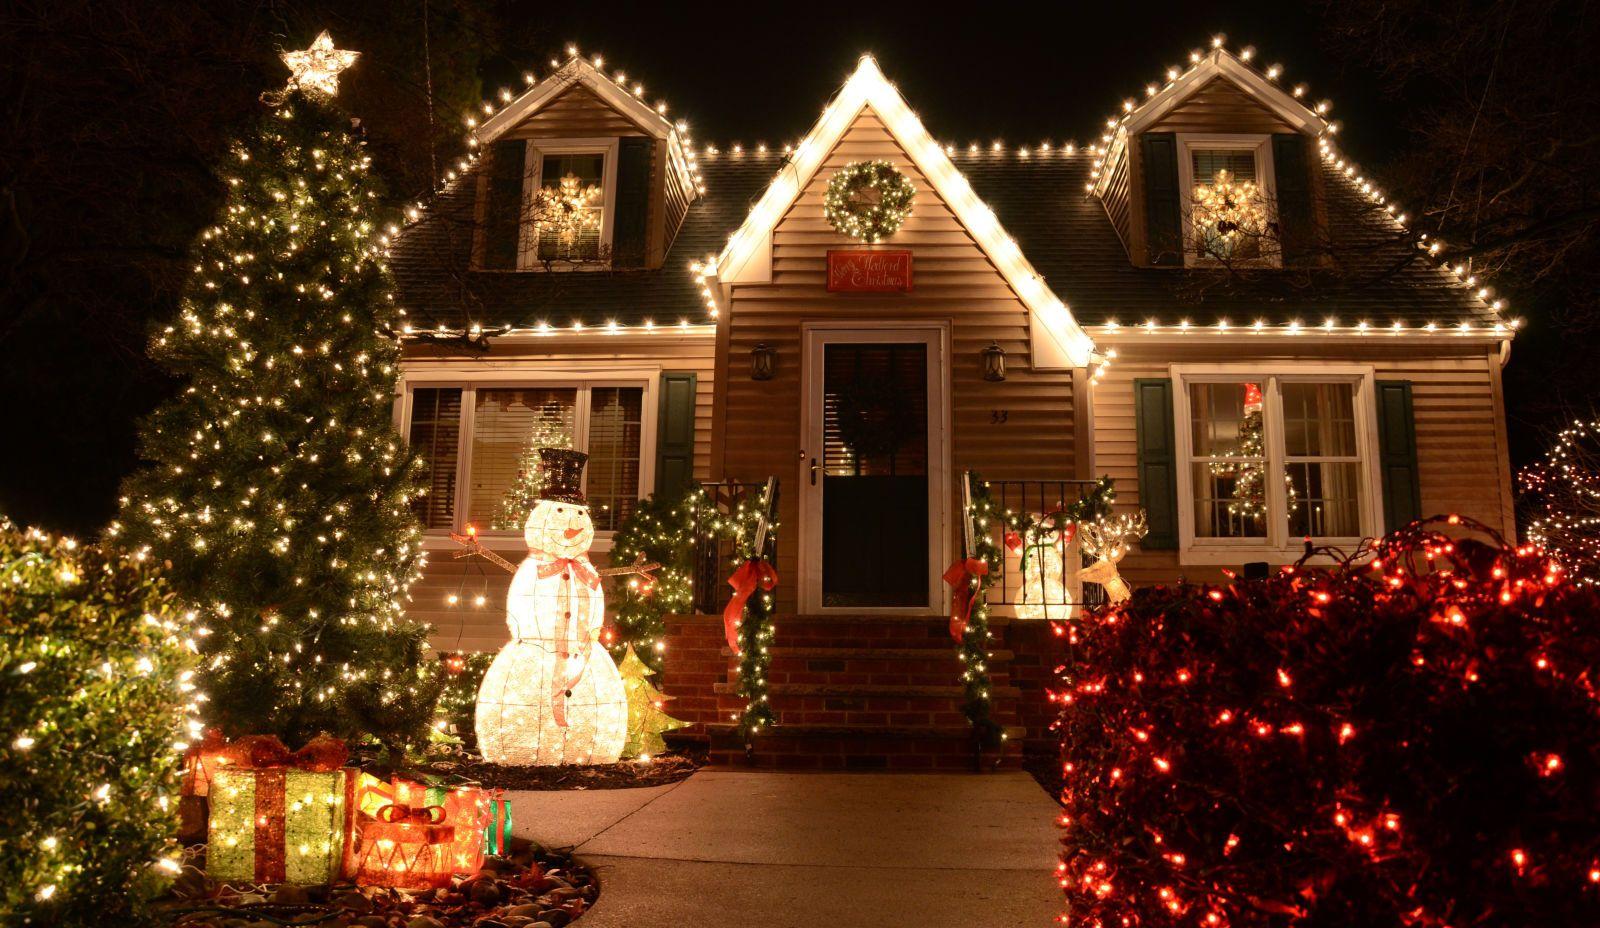 Ideias De Natal, Decoração De Natal, Casas Do Natal, Artesanato De Natal,  Árvores De Natal, Luzes De Natal Ao Ar Livre, Exibições De Natal, ...